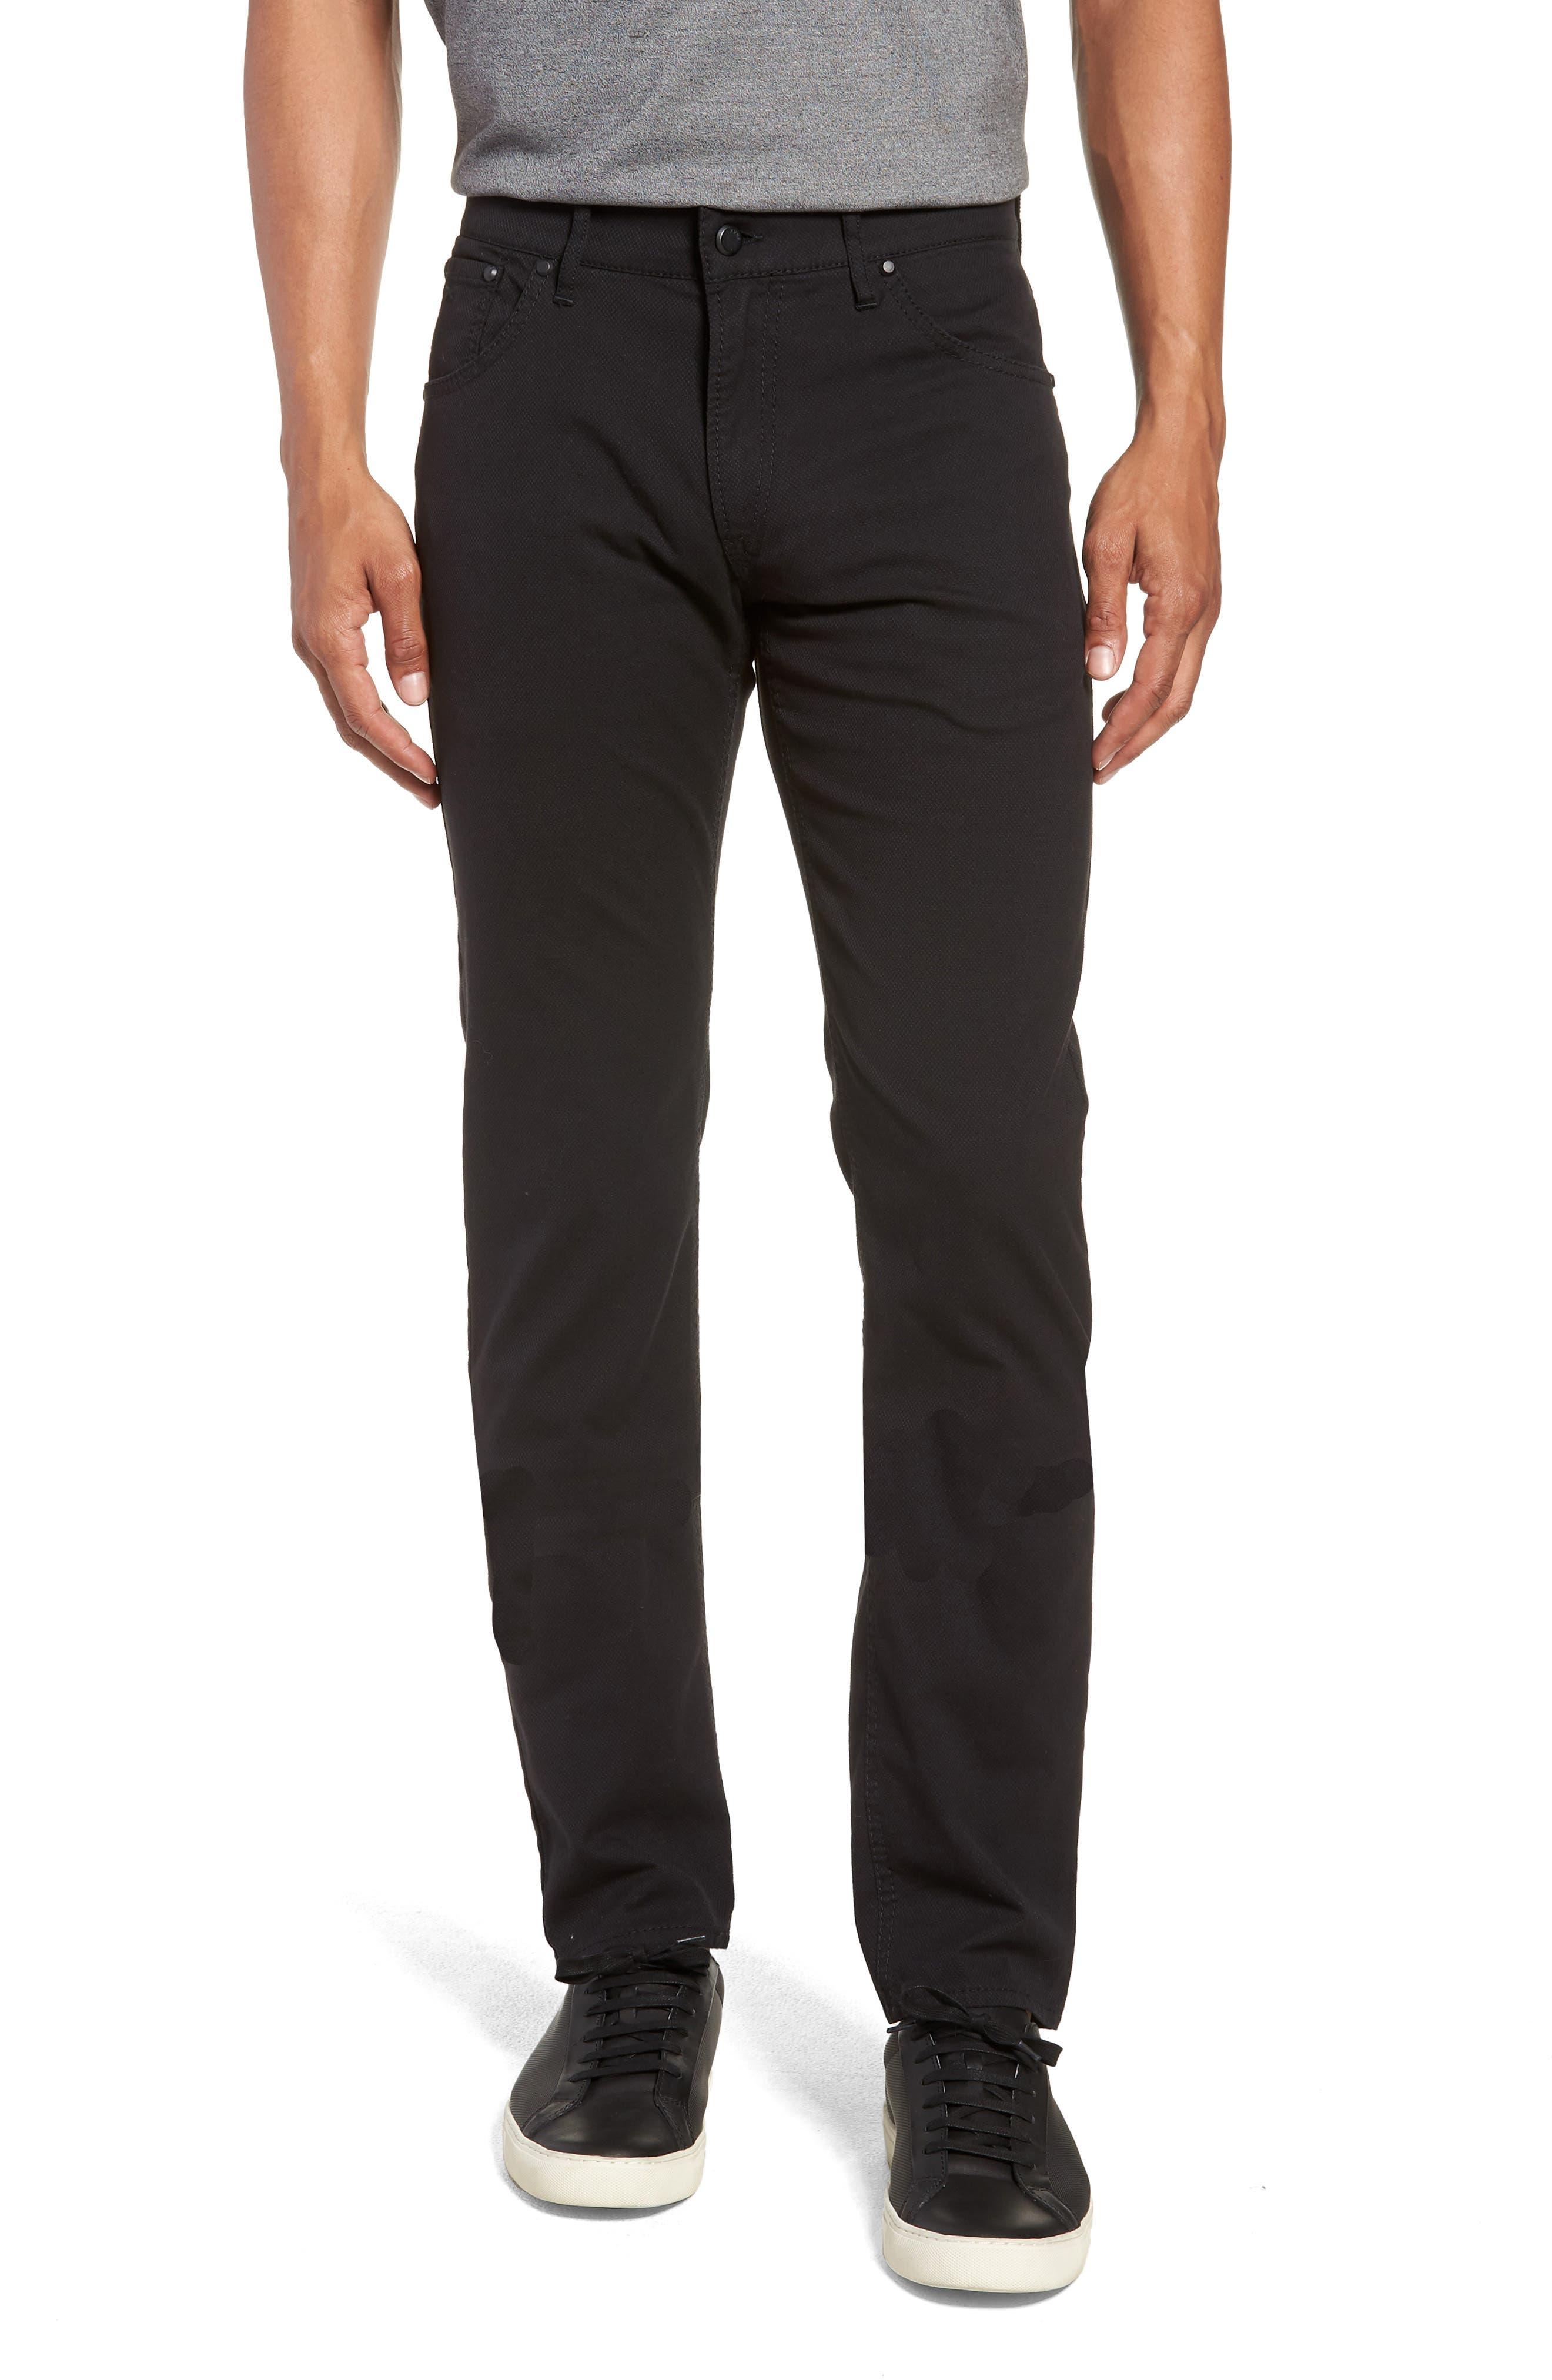 Woolook Diamond Slim Fit Pants,                         Main,                         color, BLACK